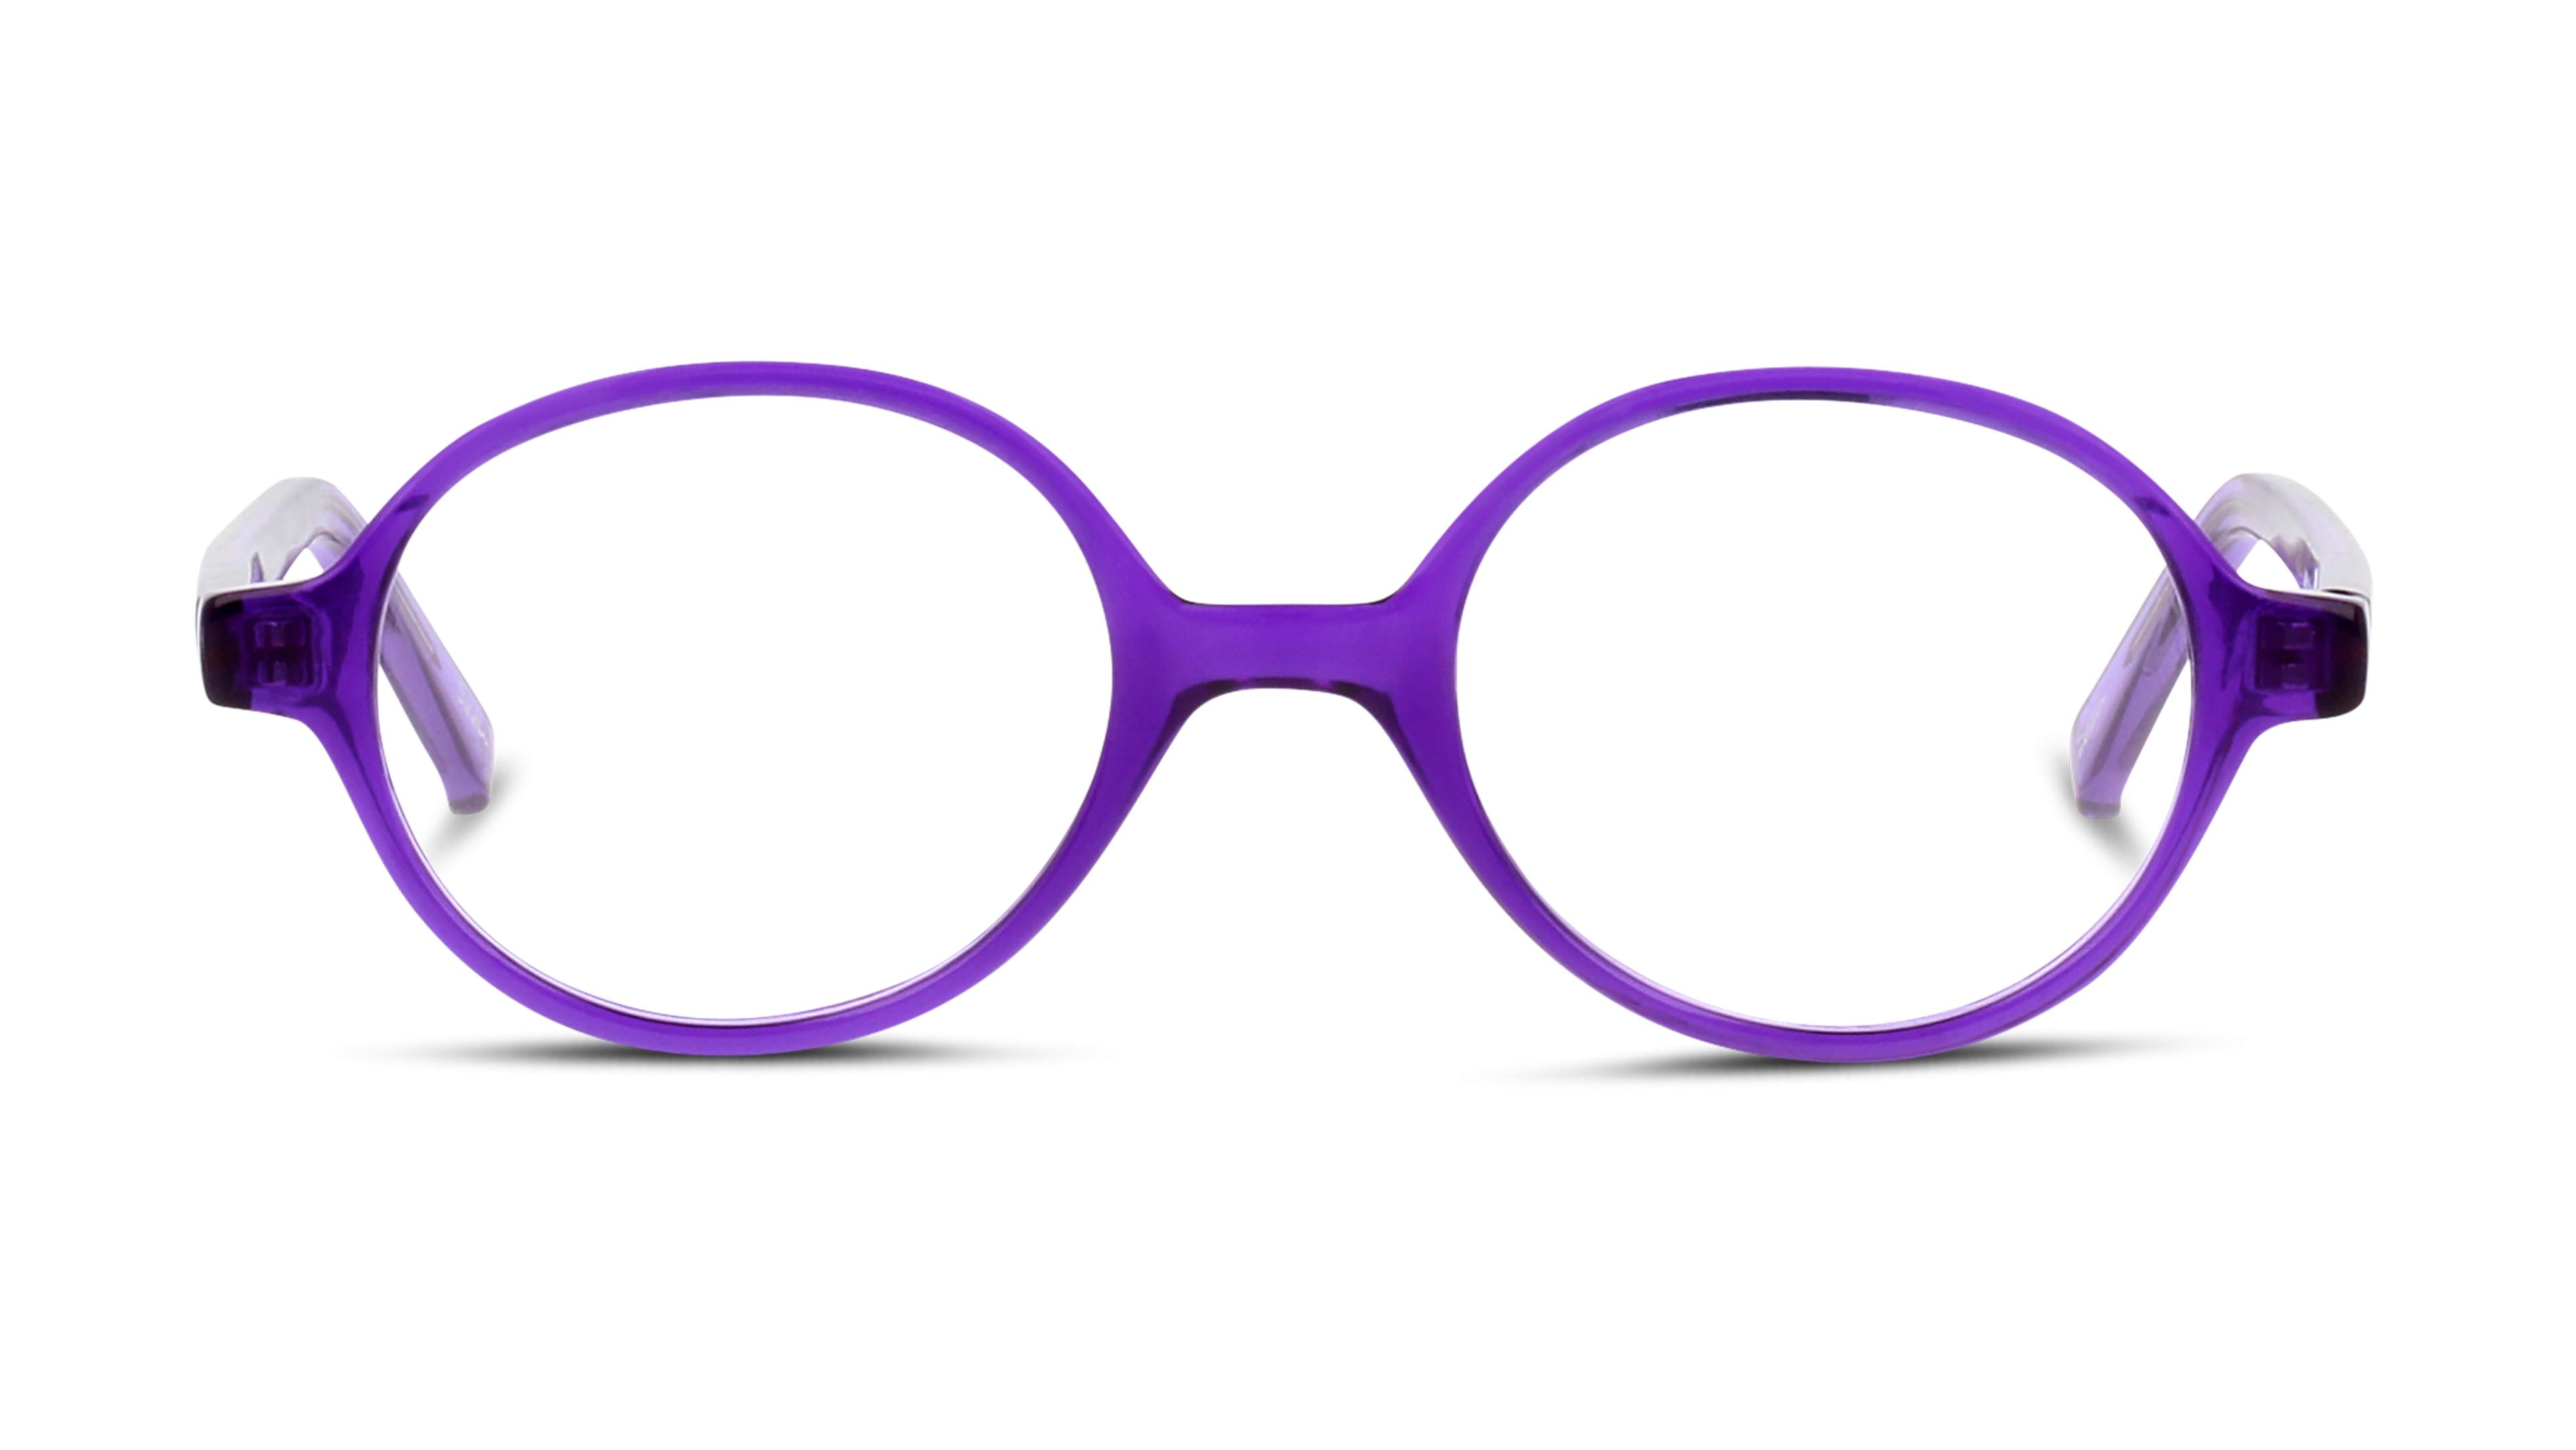 8719154229954-front-01-seen-snfk09-eyewear-violet-violet